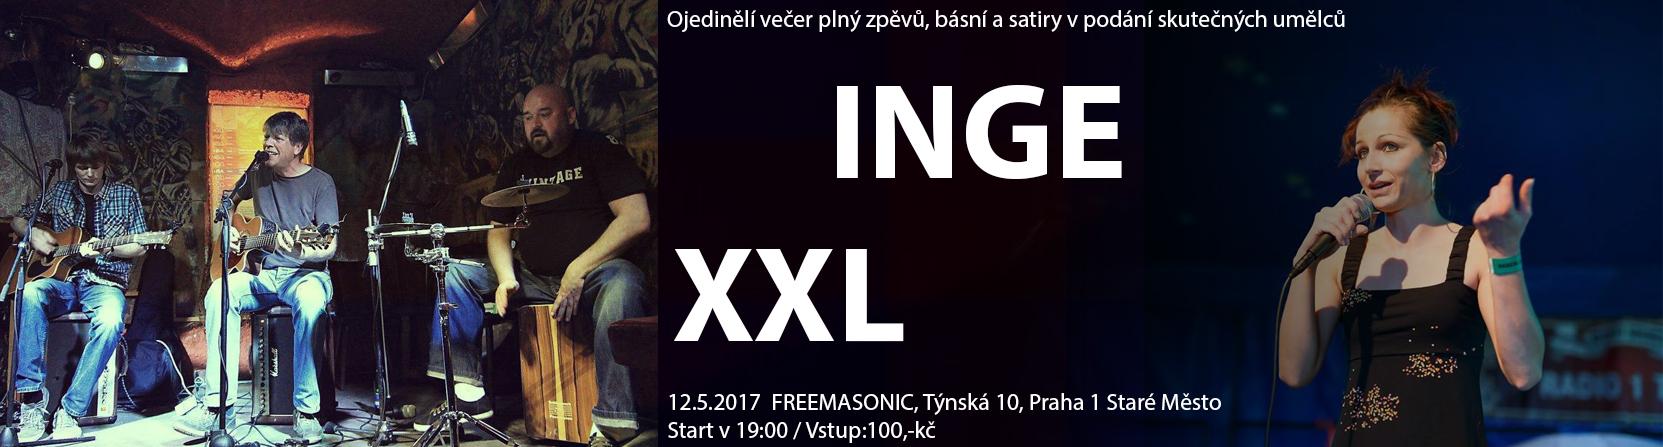 timeline inge xxl